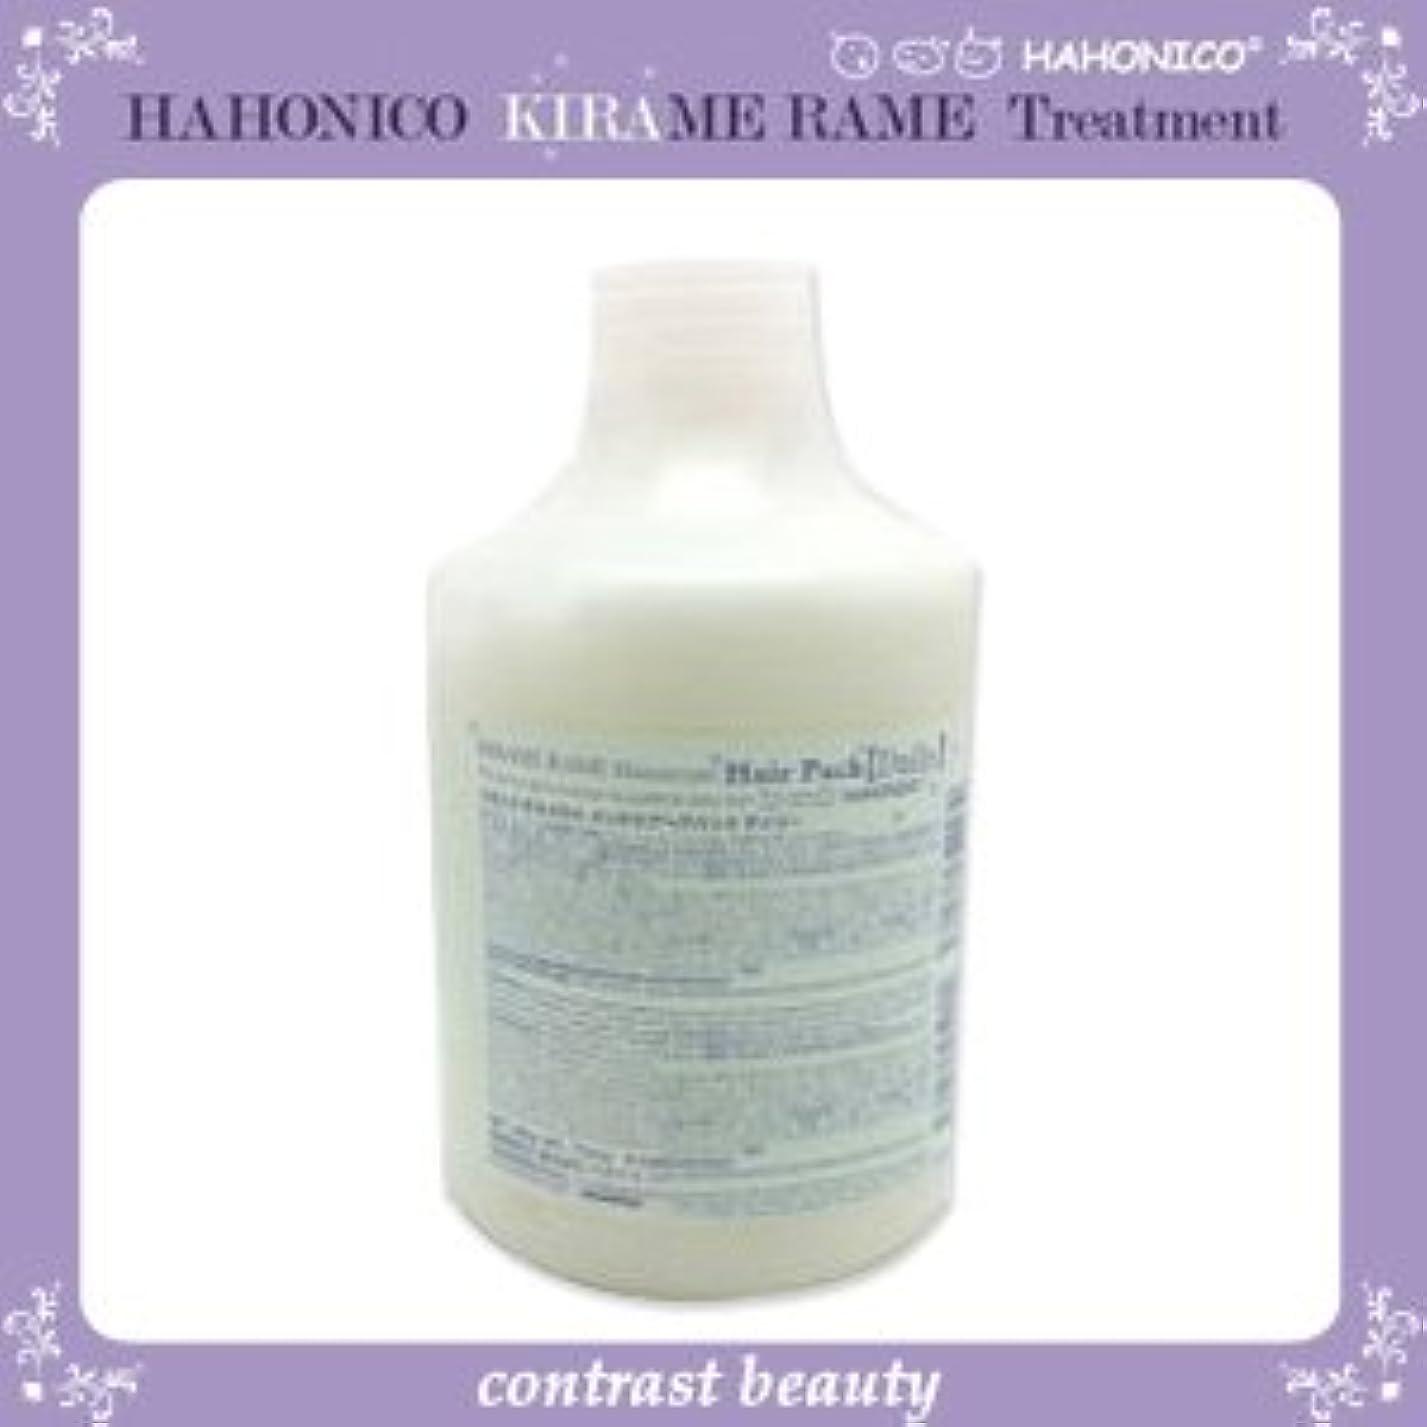 乳白サーバントたっぷり【X3個セット】 ハホニコ キラメラメ メンテケアヘアパックデイリー 500g KIRAME RAME HAHONICO